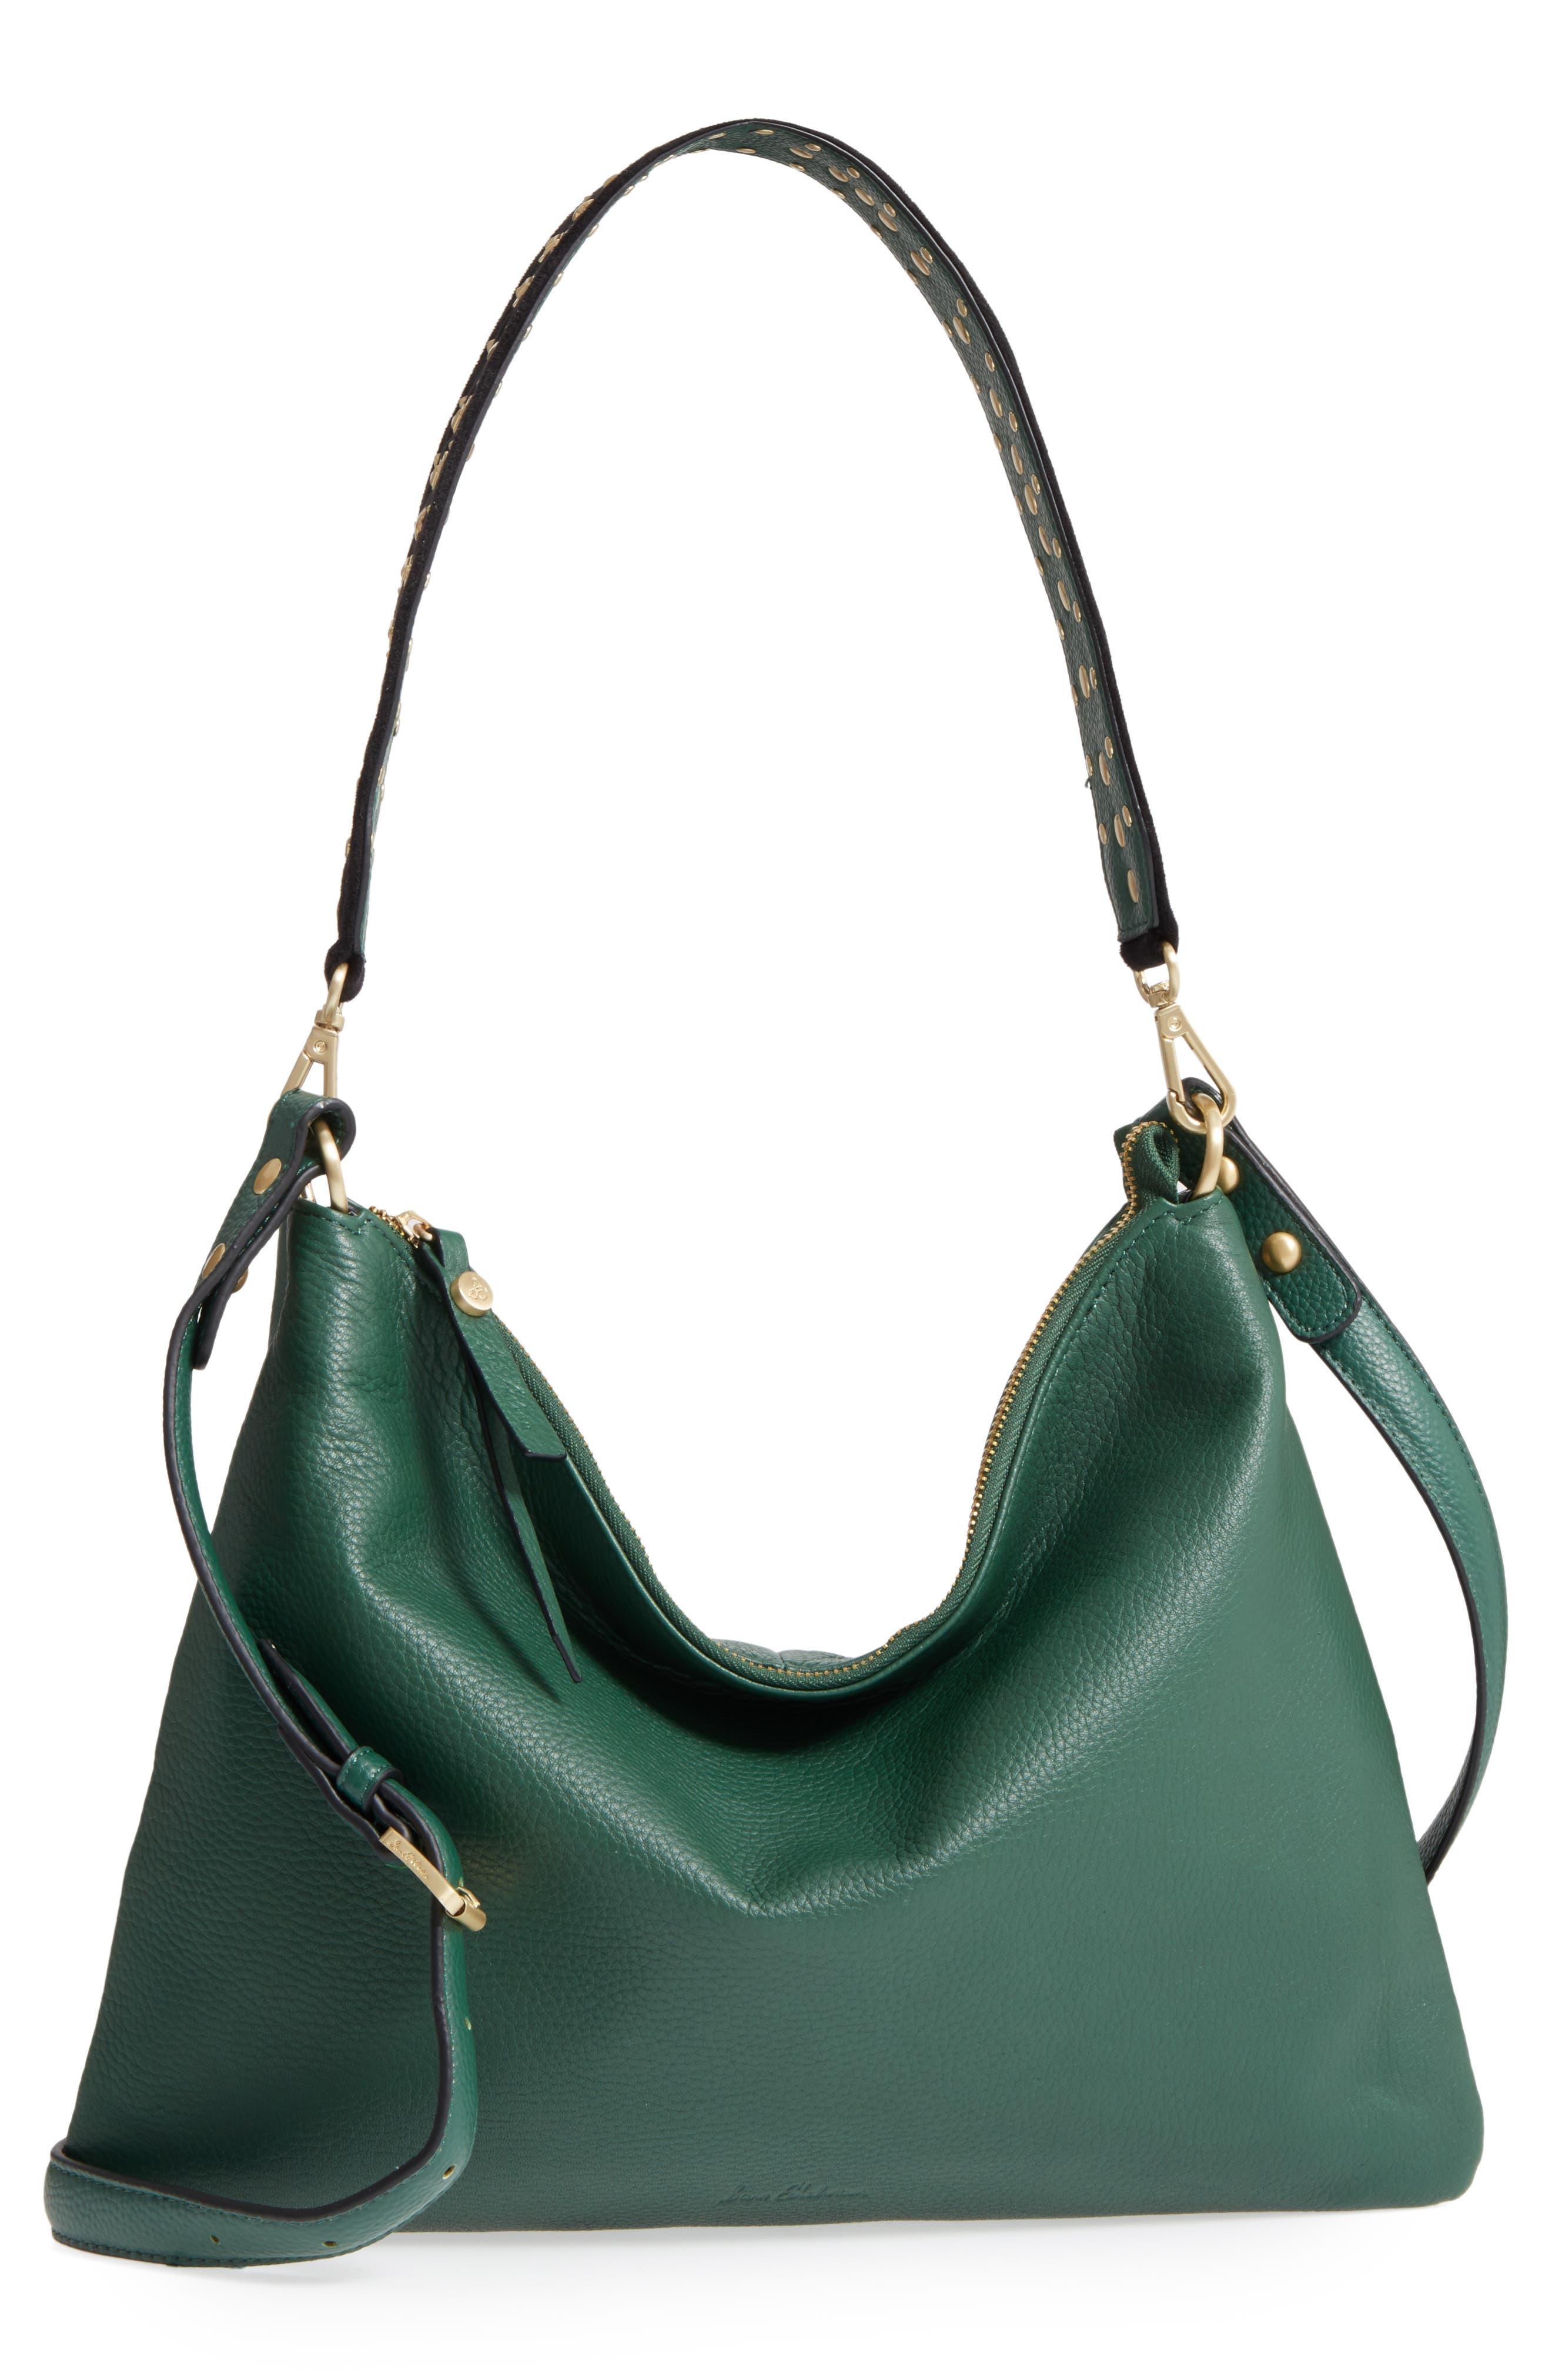 Alternate Image 1 Selected - Sam Edelman Raelyn Leather Shoulder Bag